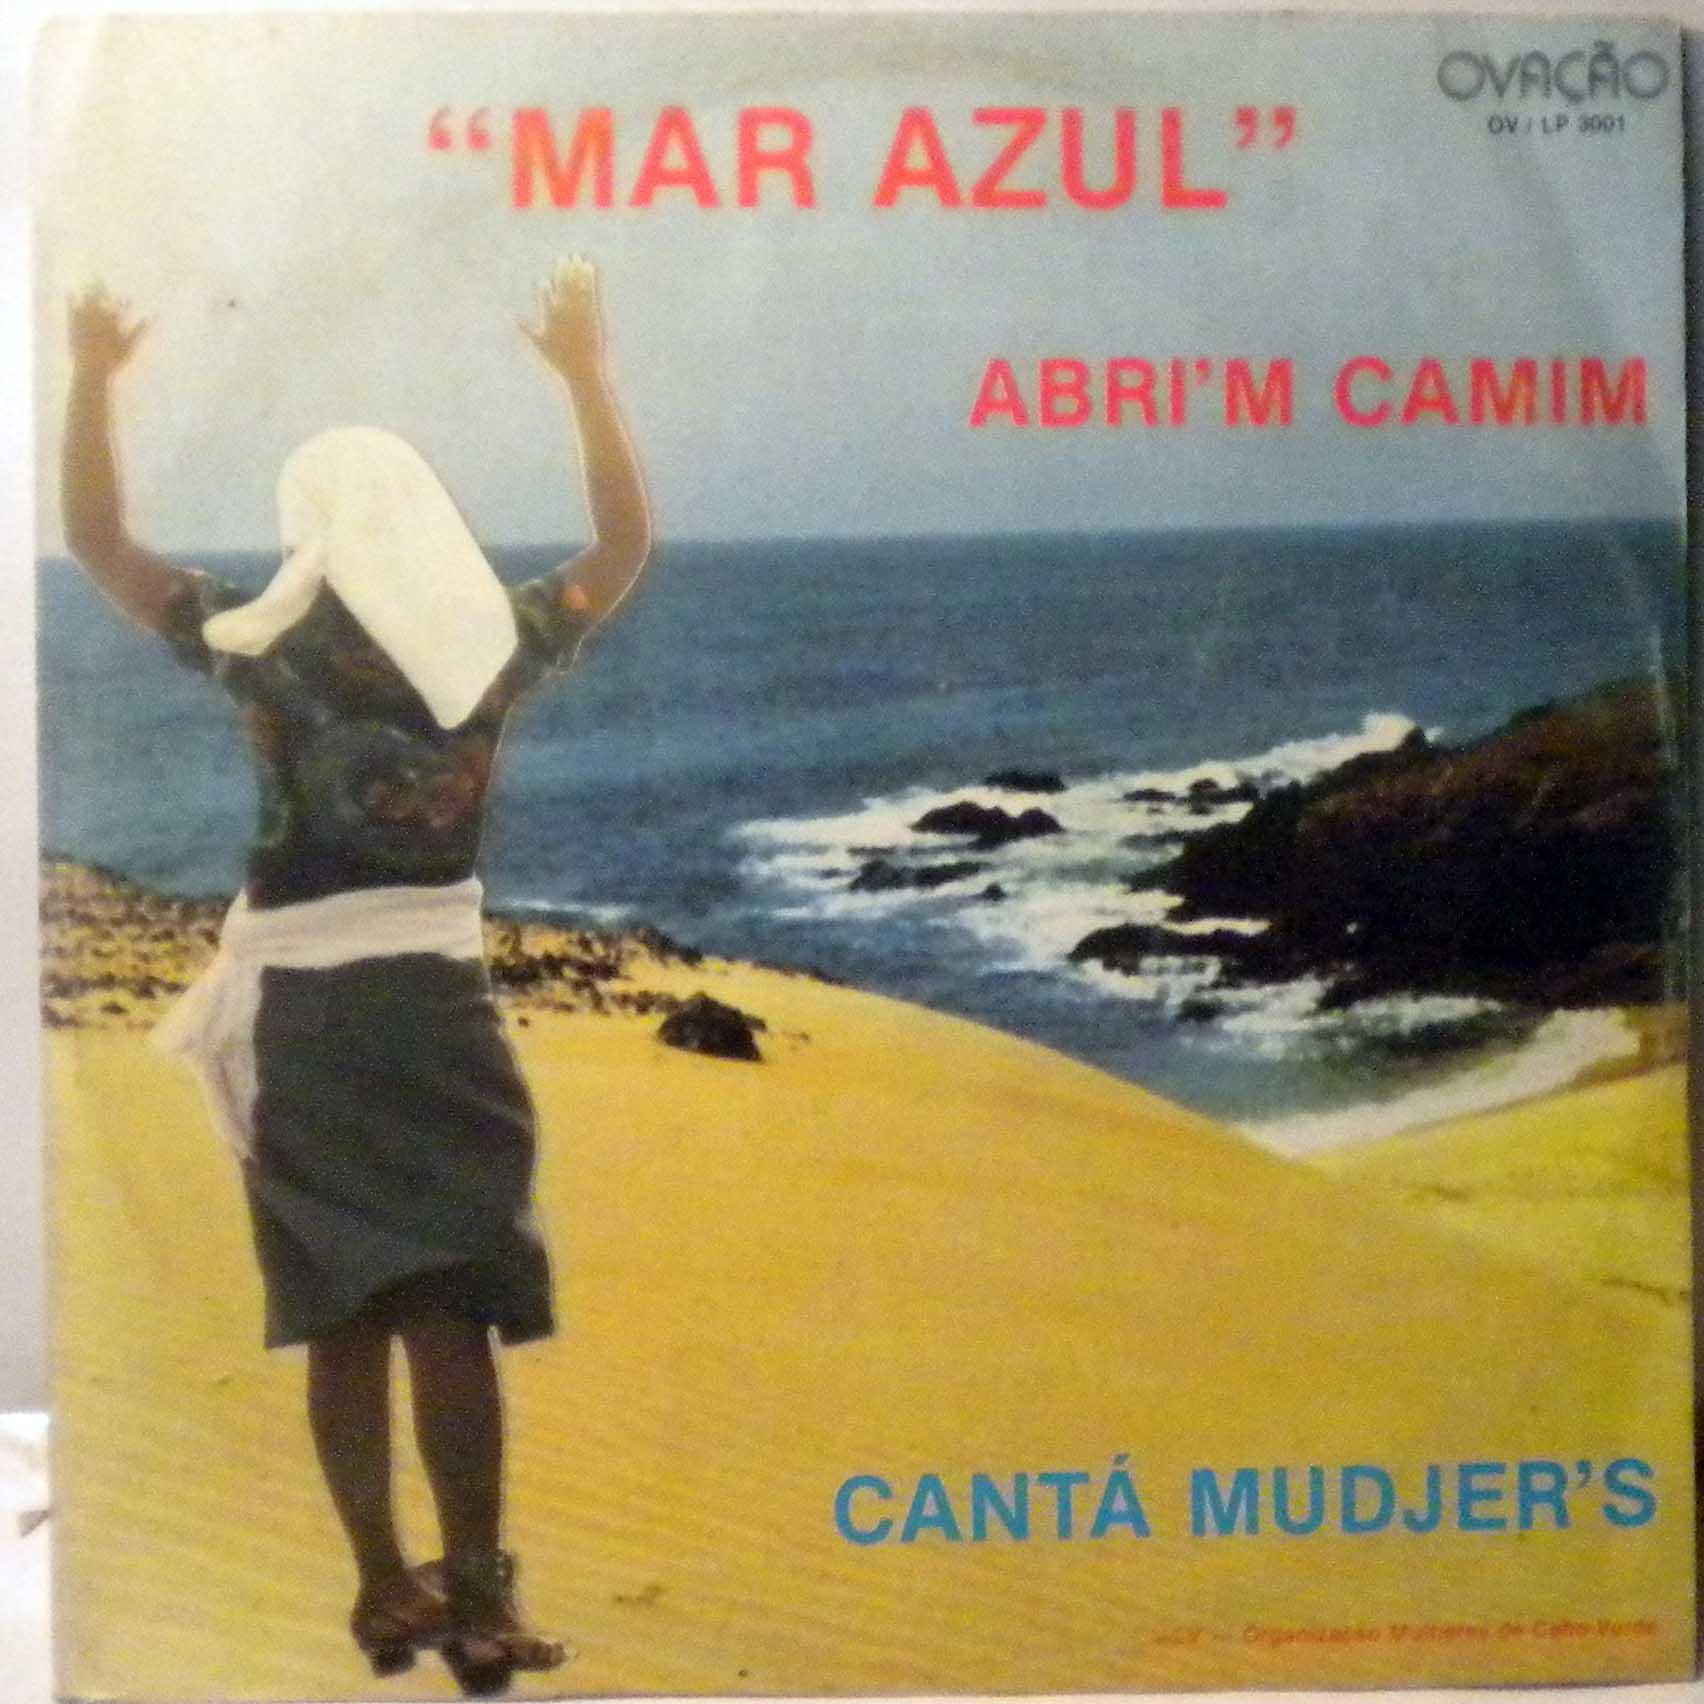 ORGANIZACAO MULHERES DE CABO VERDE - Canta mudjers - LP